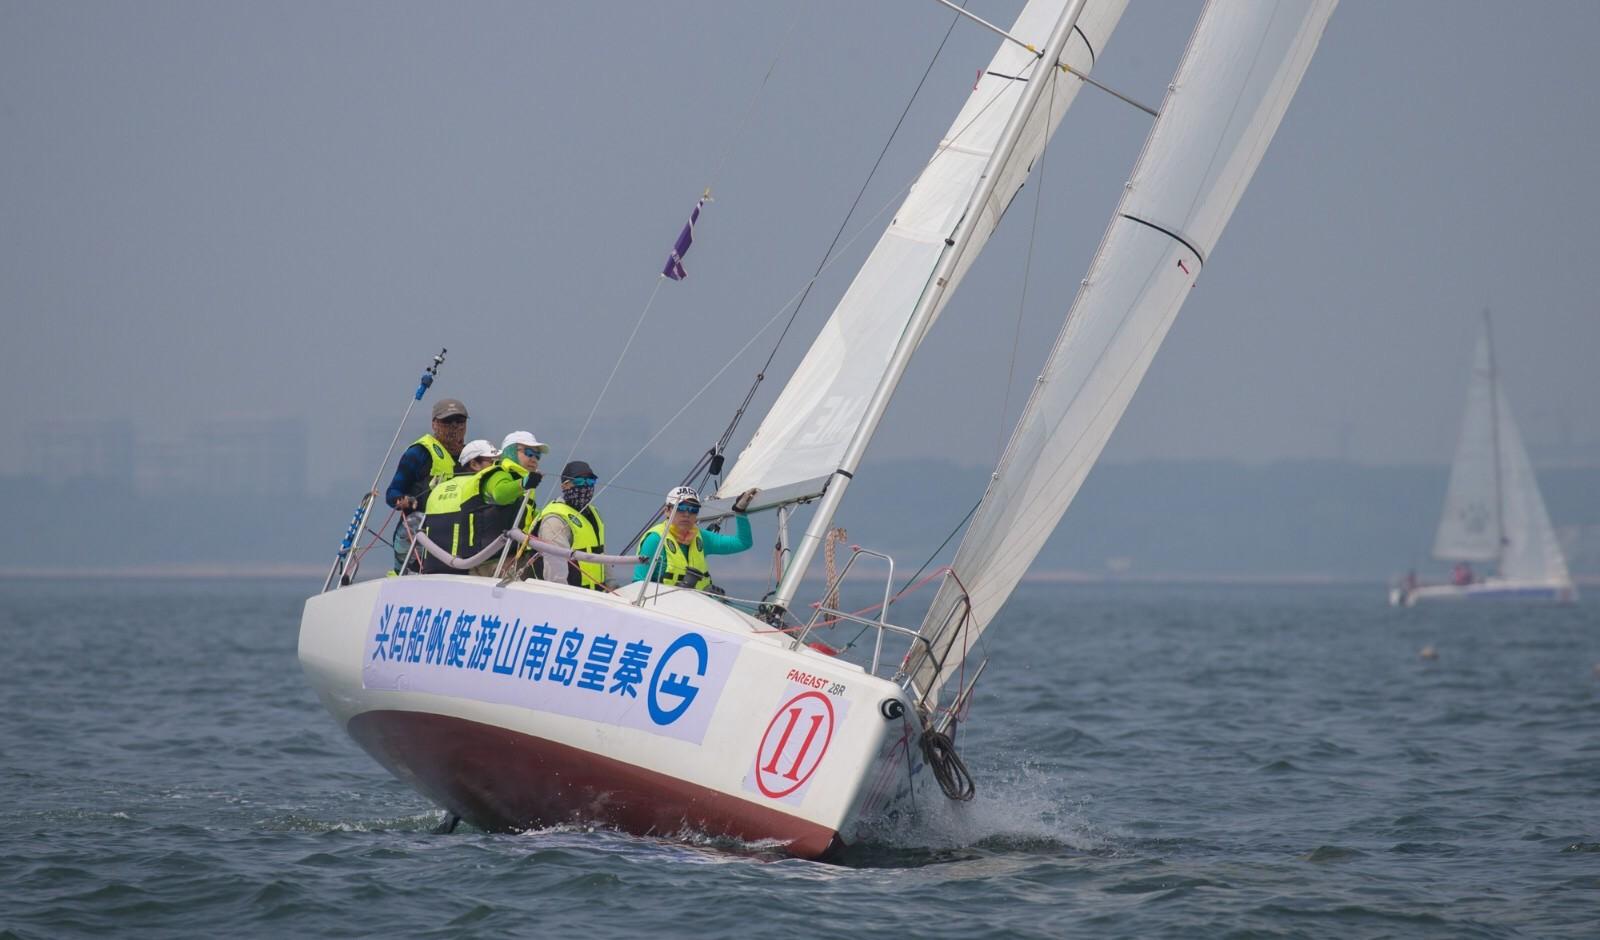 我们,帆船,毕竟,风向,都是 喉咙喊破,收获满满-秦皇岛河港杯帆船赛赛后总结  152710ulq52yqu